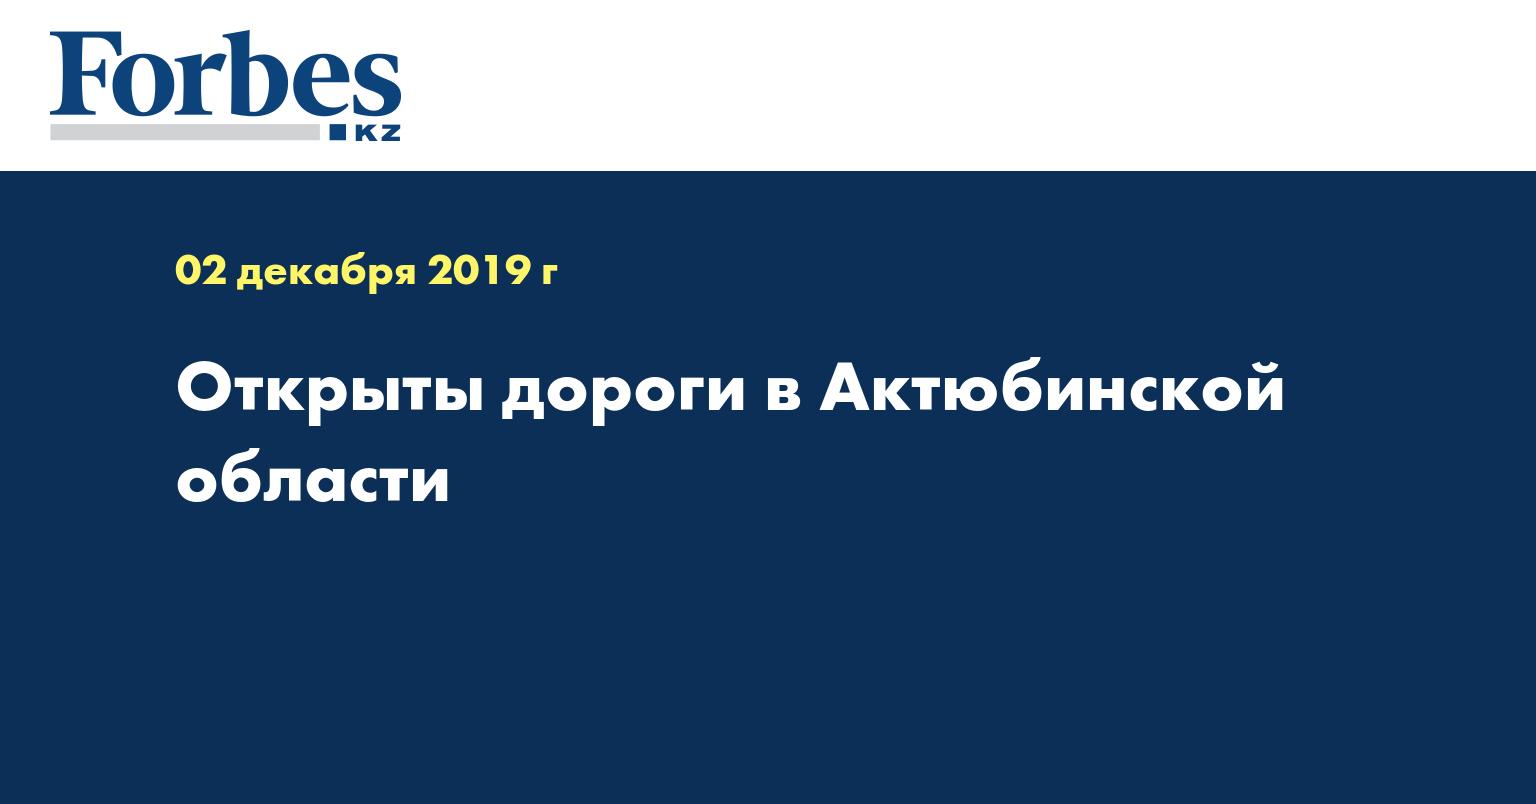 Открыты дороги в Актюбинской области